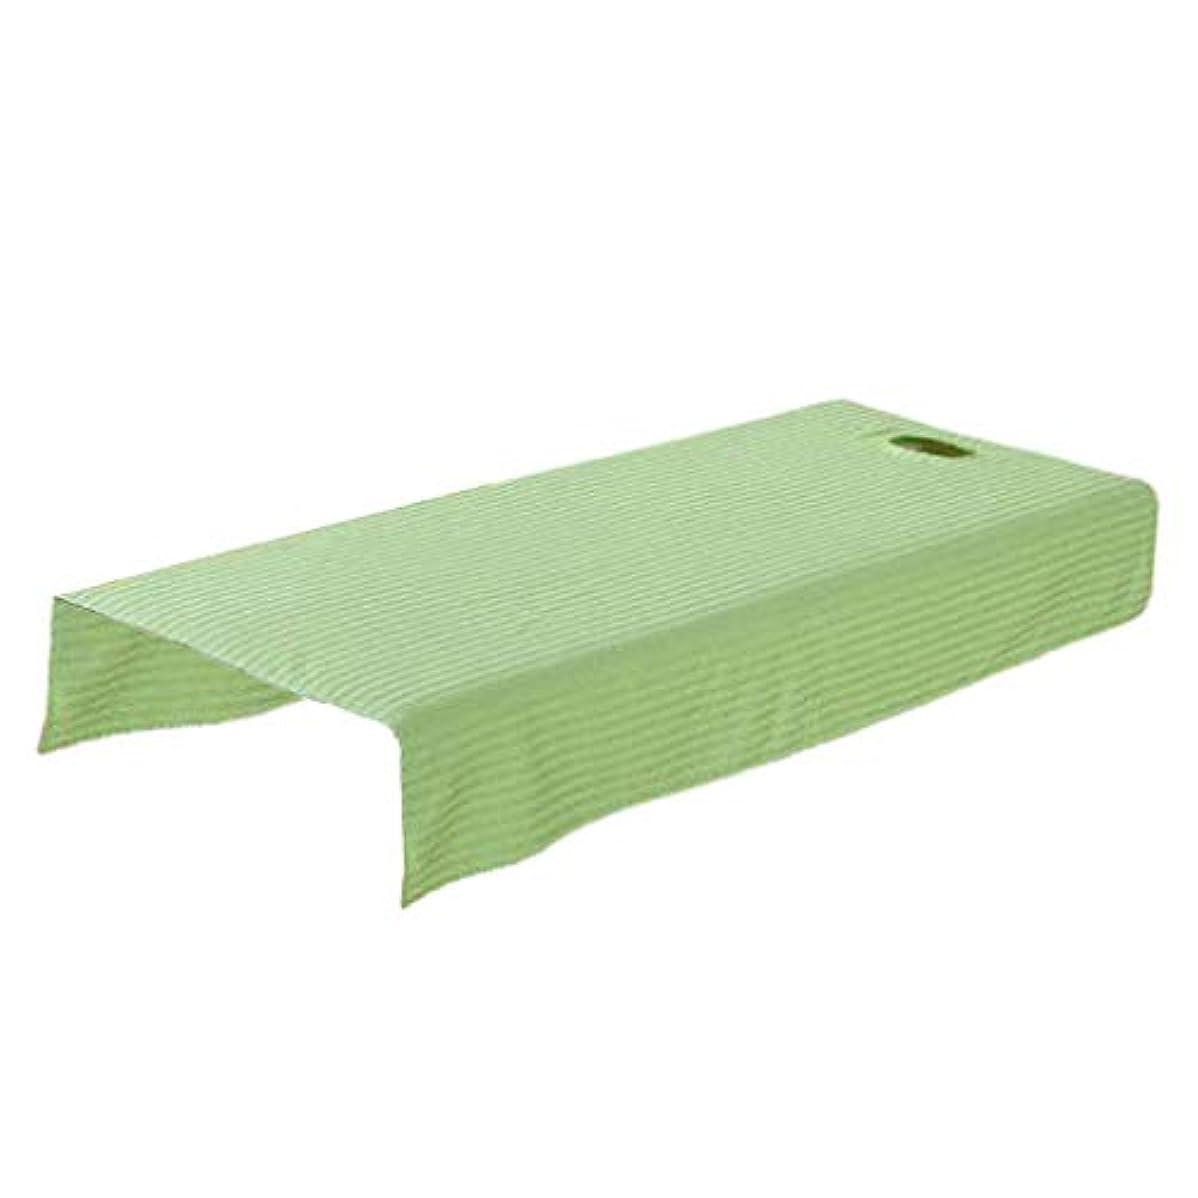 スクラッチテーブル反対にマッサージベッドカバー マッサージテーブル カバー 有孔 スパベッドカバー 全2サイズ - 120x190cm